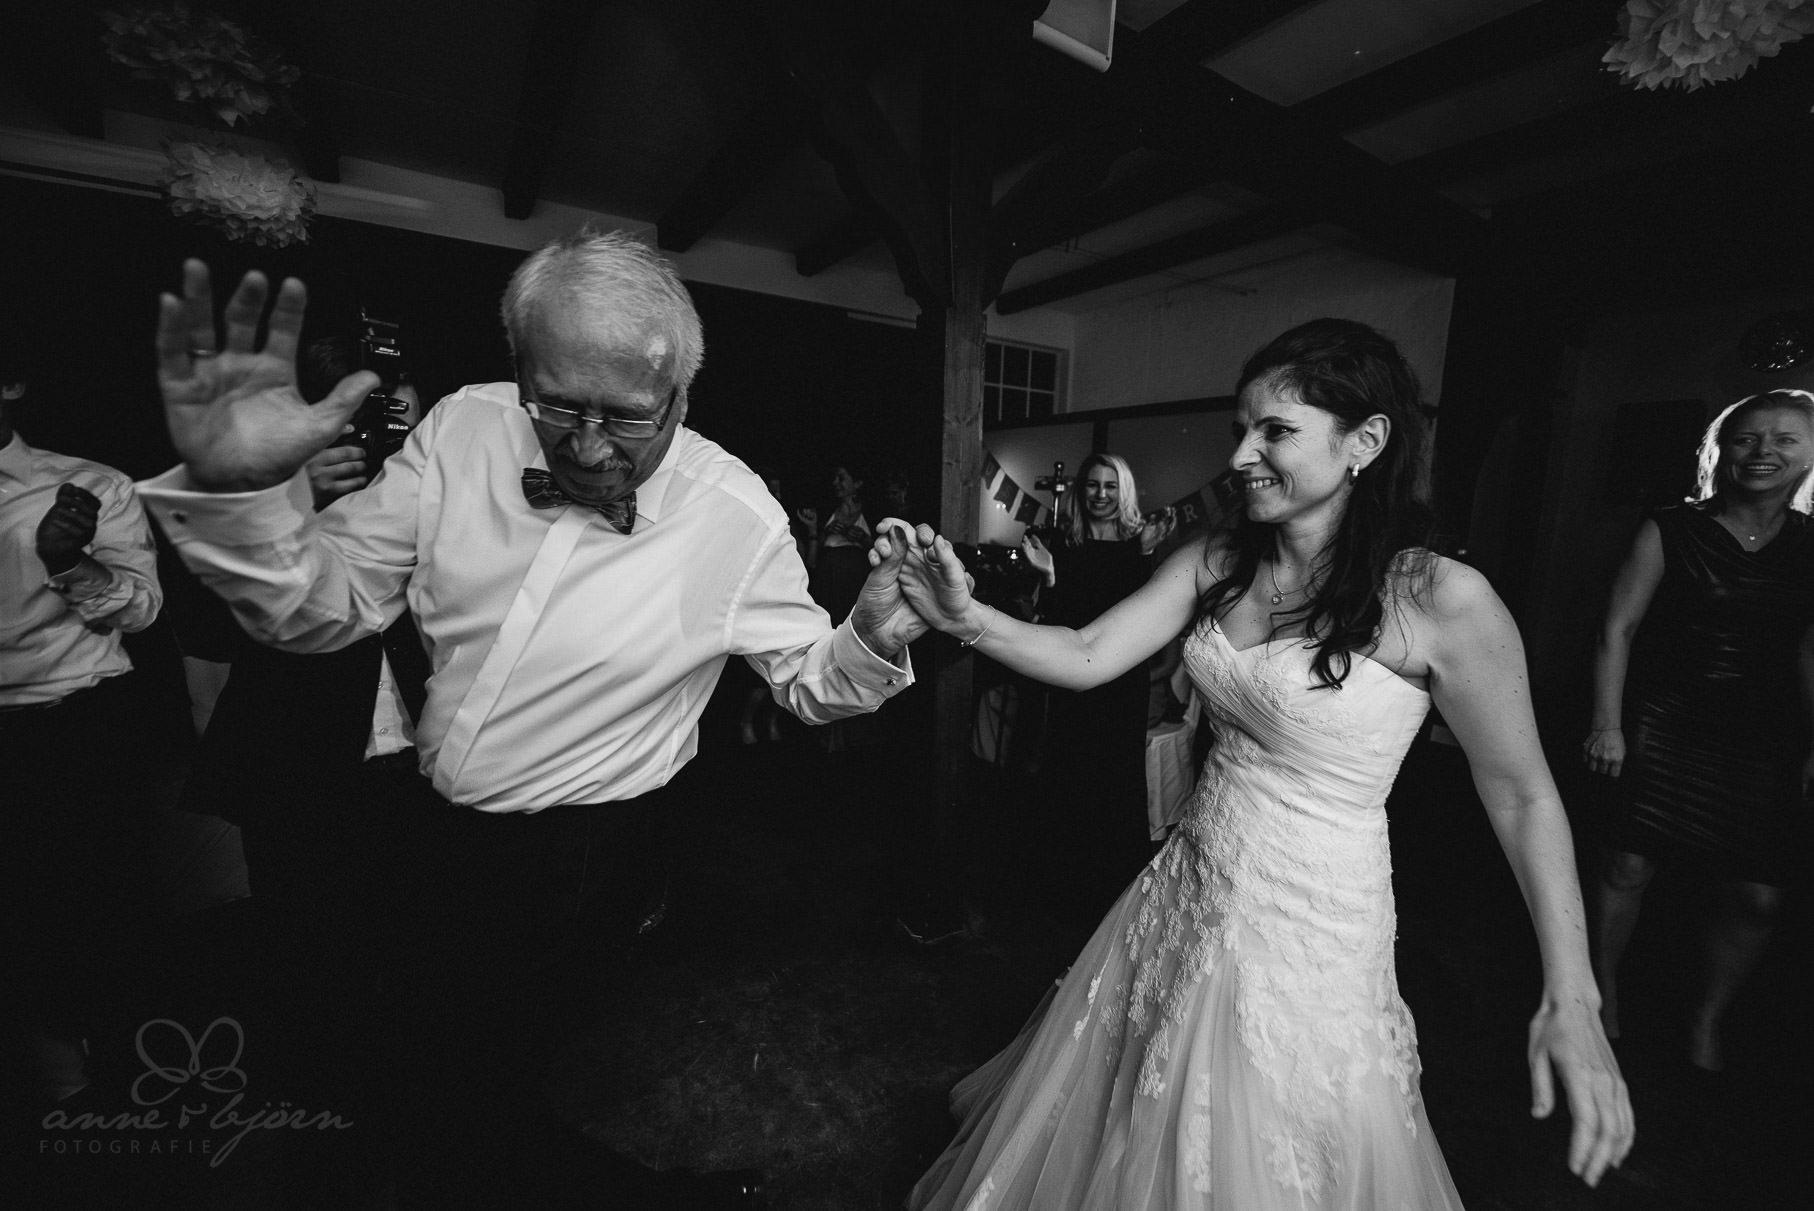 0135 aub 812 0871 - Hochzeit auf Gut Thansen - Anja & Björn